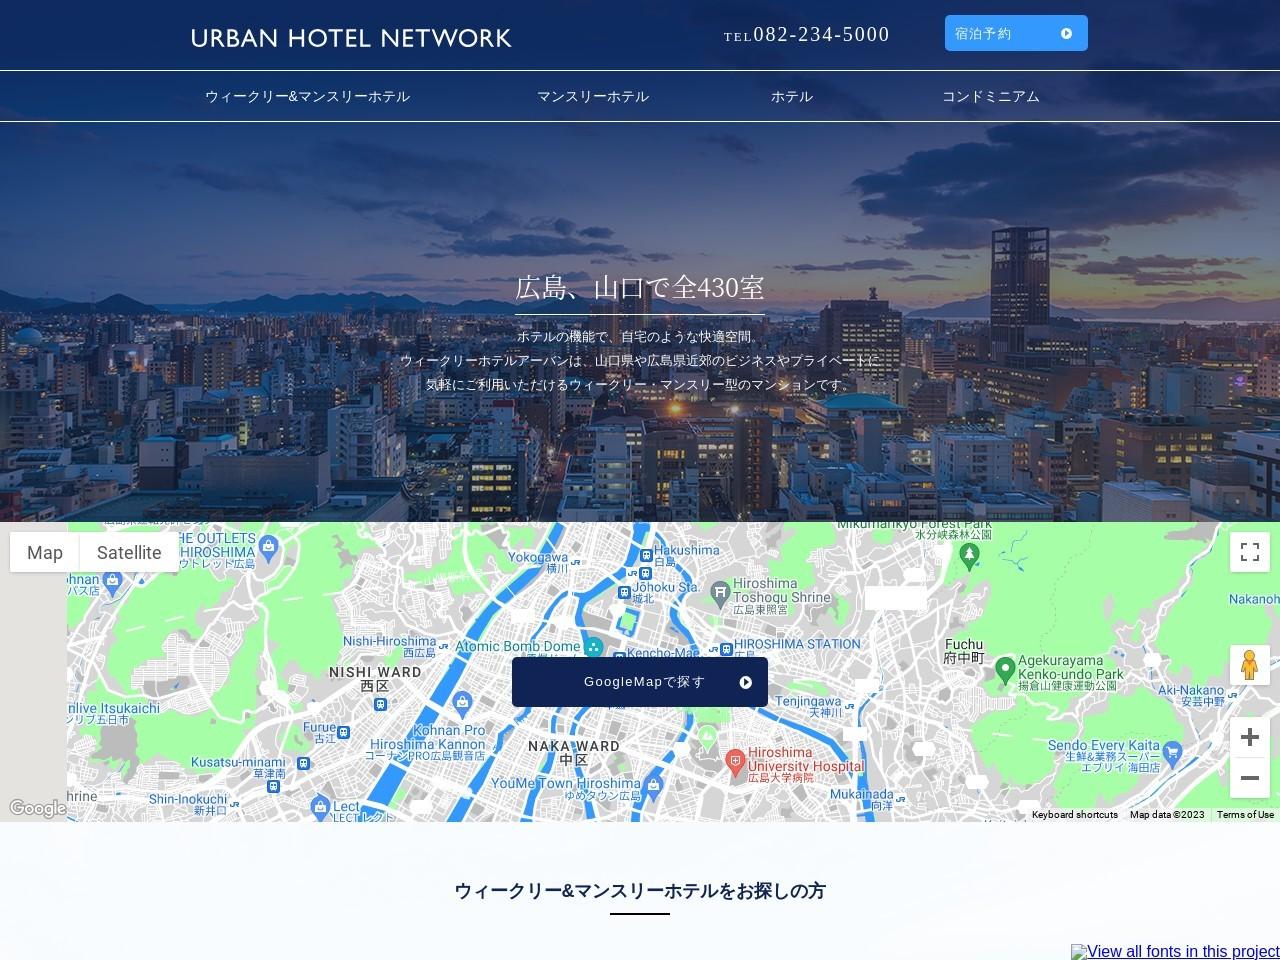 広島・山口のウィークリーホテル